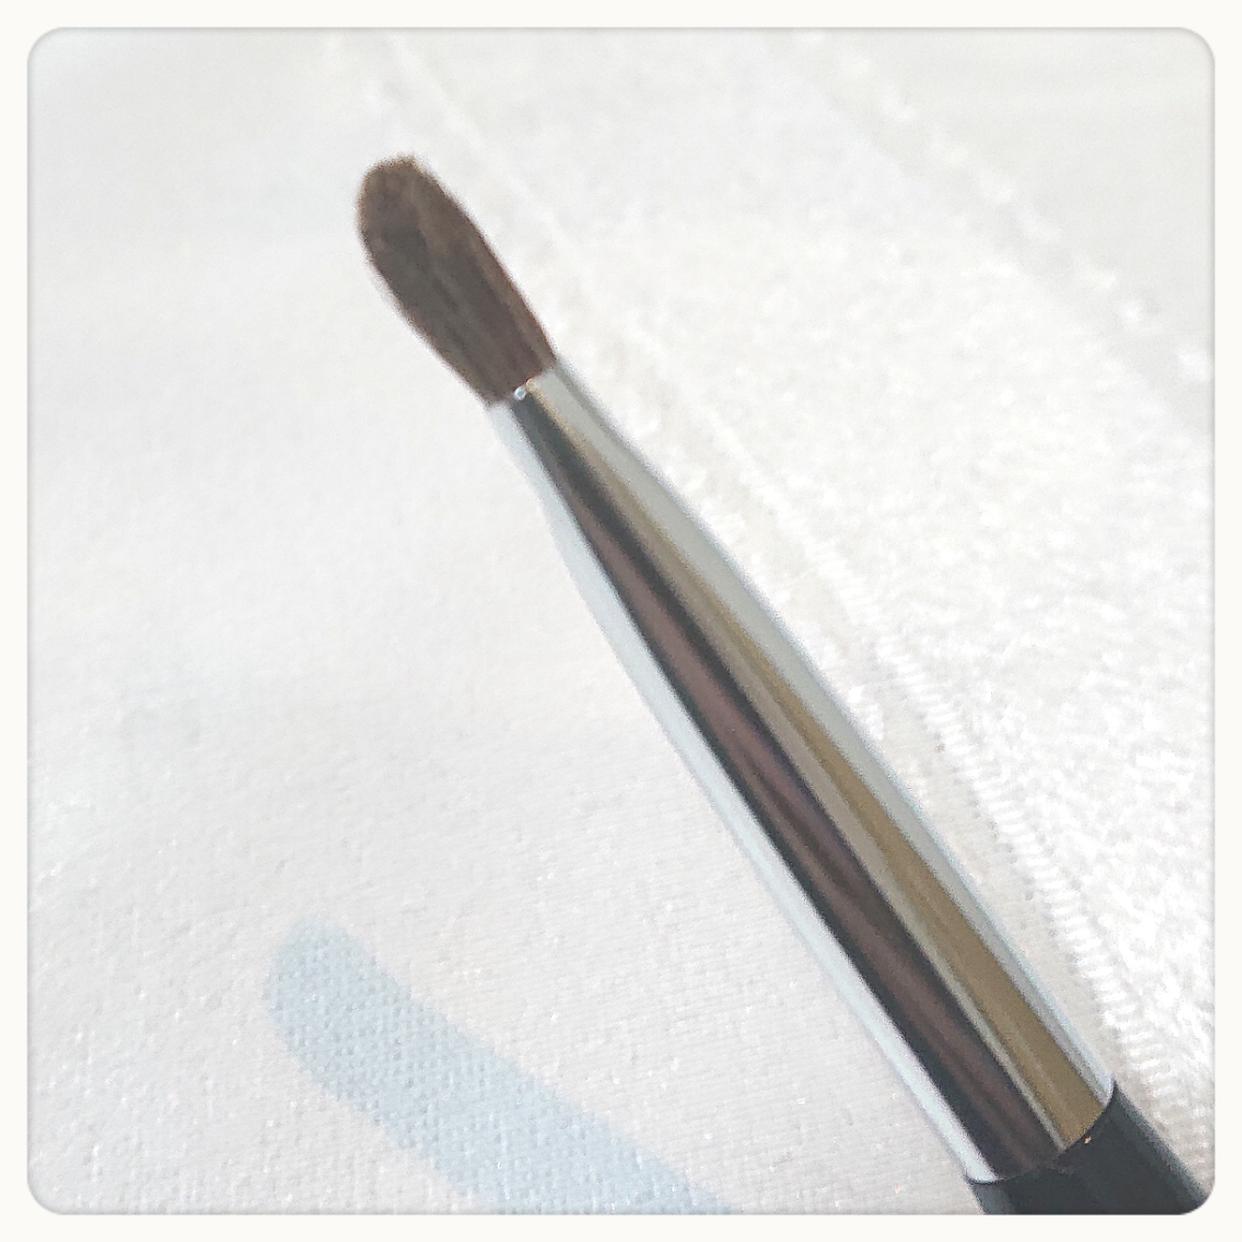 ROSY ROSA(ロージーローザ)熊野筆 アイシャドウ用 Sを使ったnakoさんのクチコミ画像4